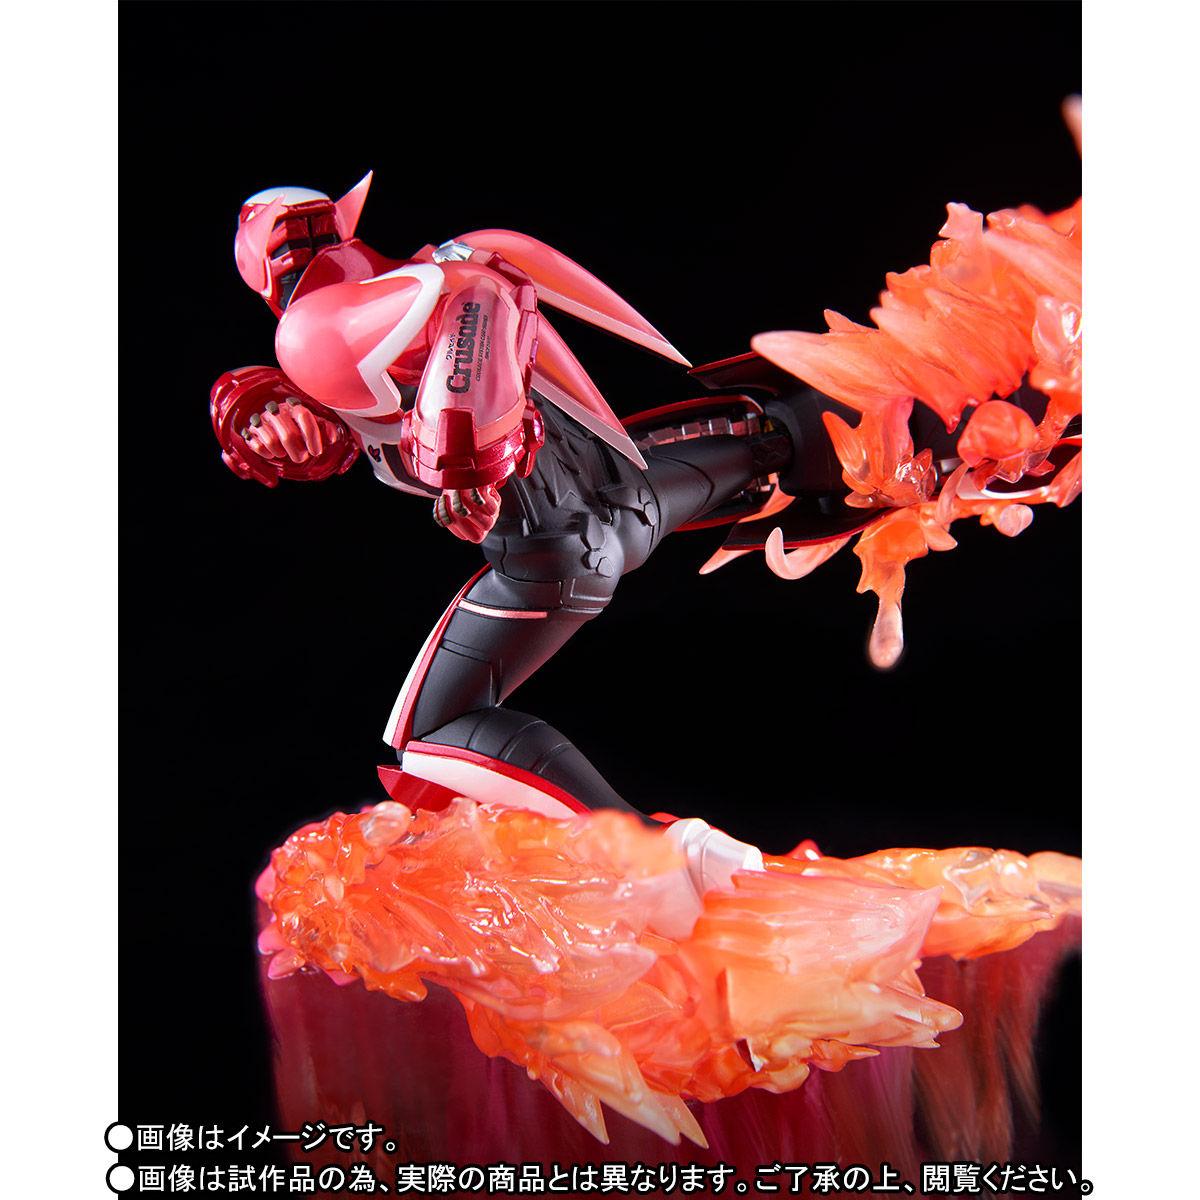 フィギュアーツZERO『バーナビー・ブルックスJr. -BATTLE STYLE-』TIGER & BUNNY 完成品フィギュア-005